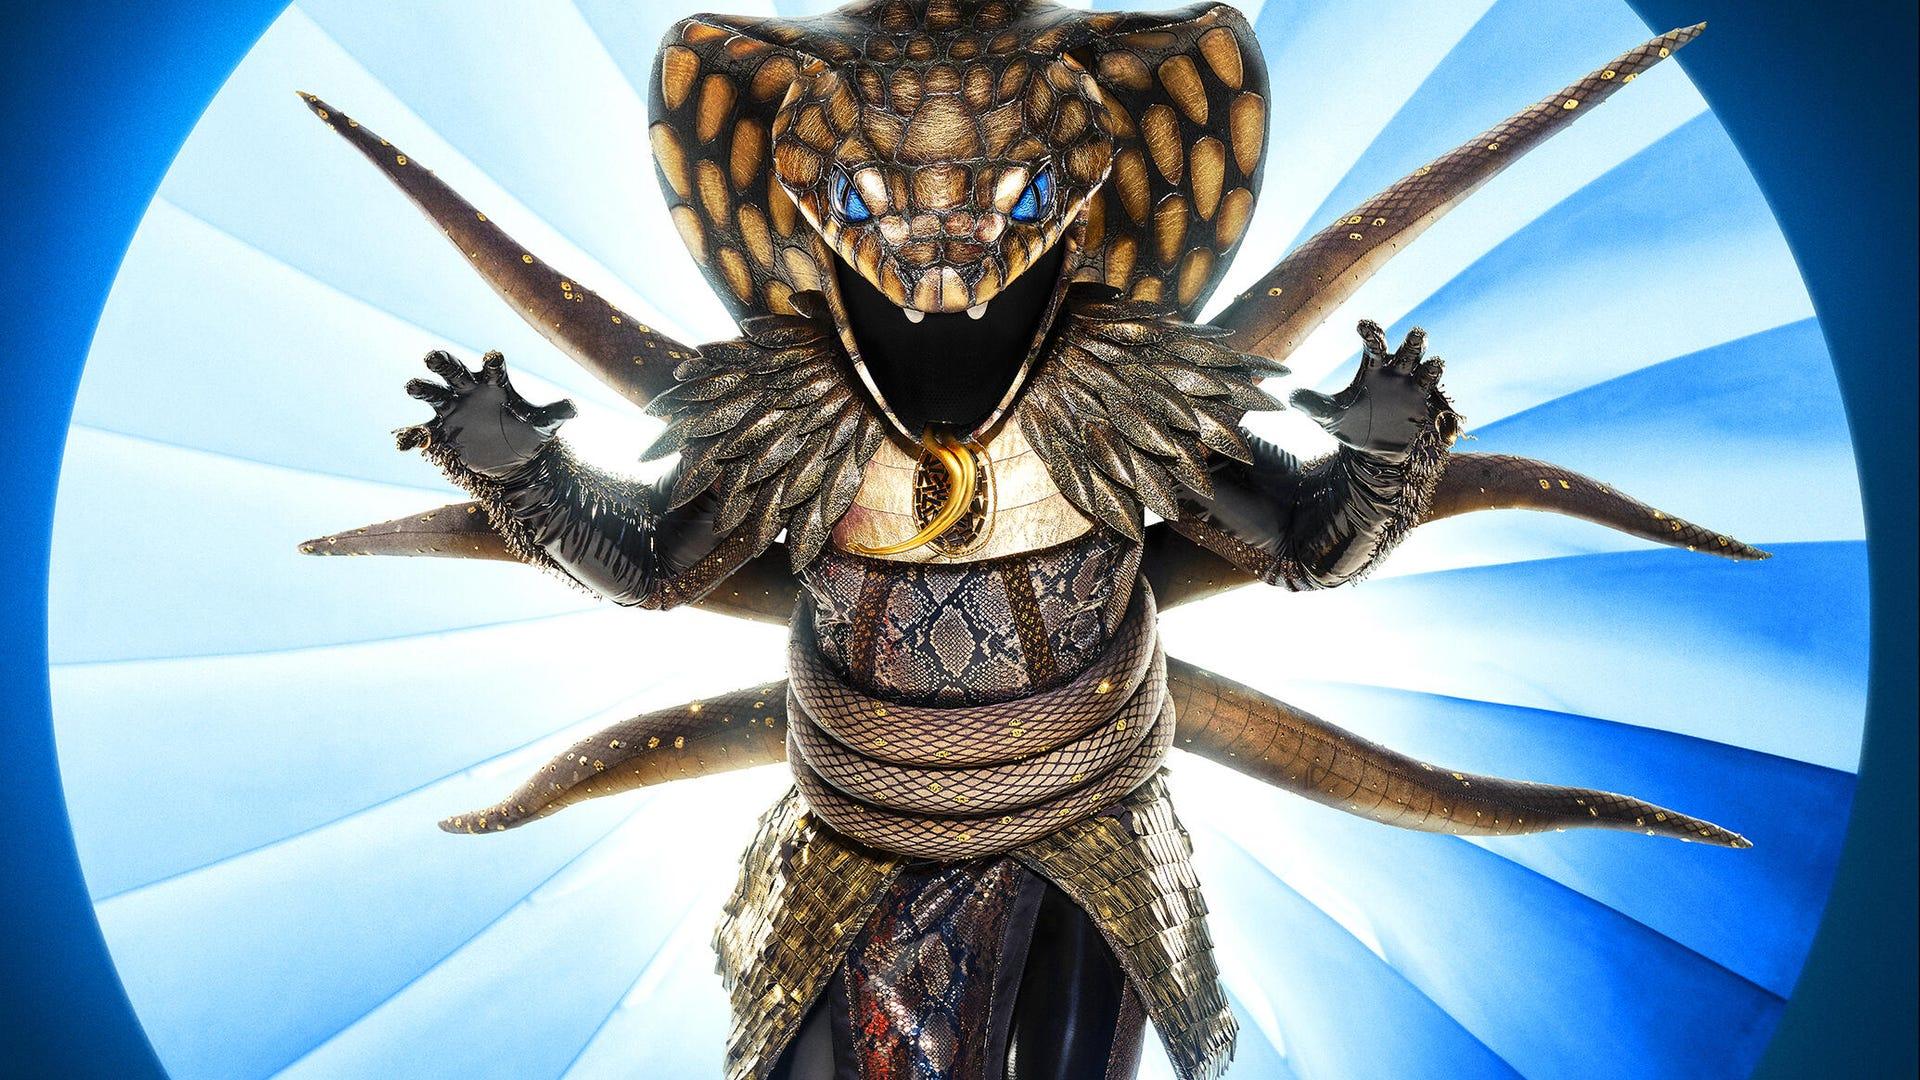 Cobra, Masked Singer